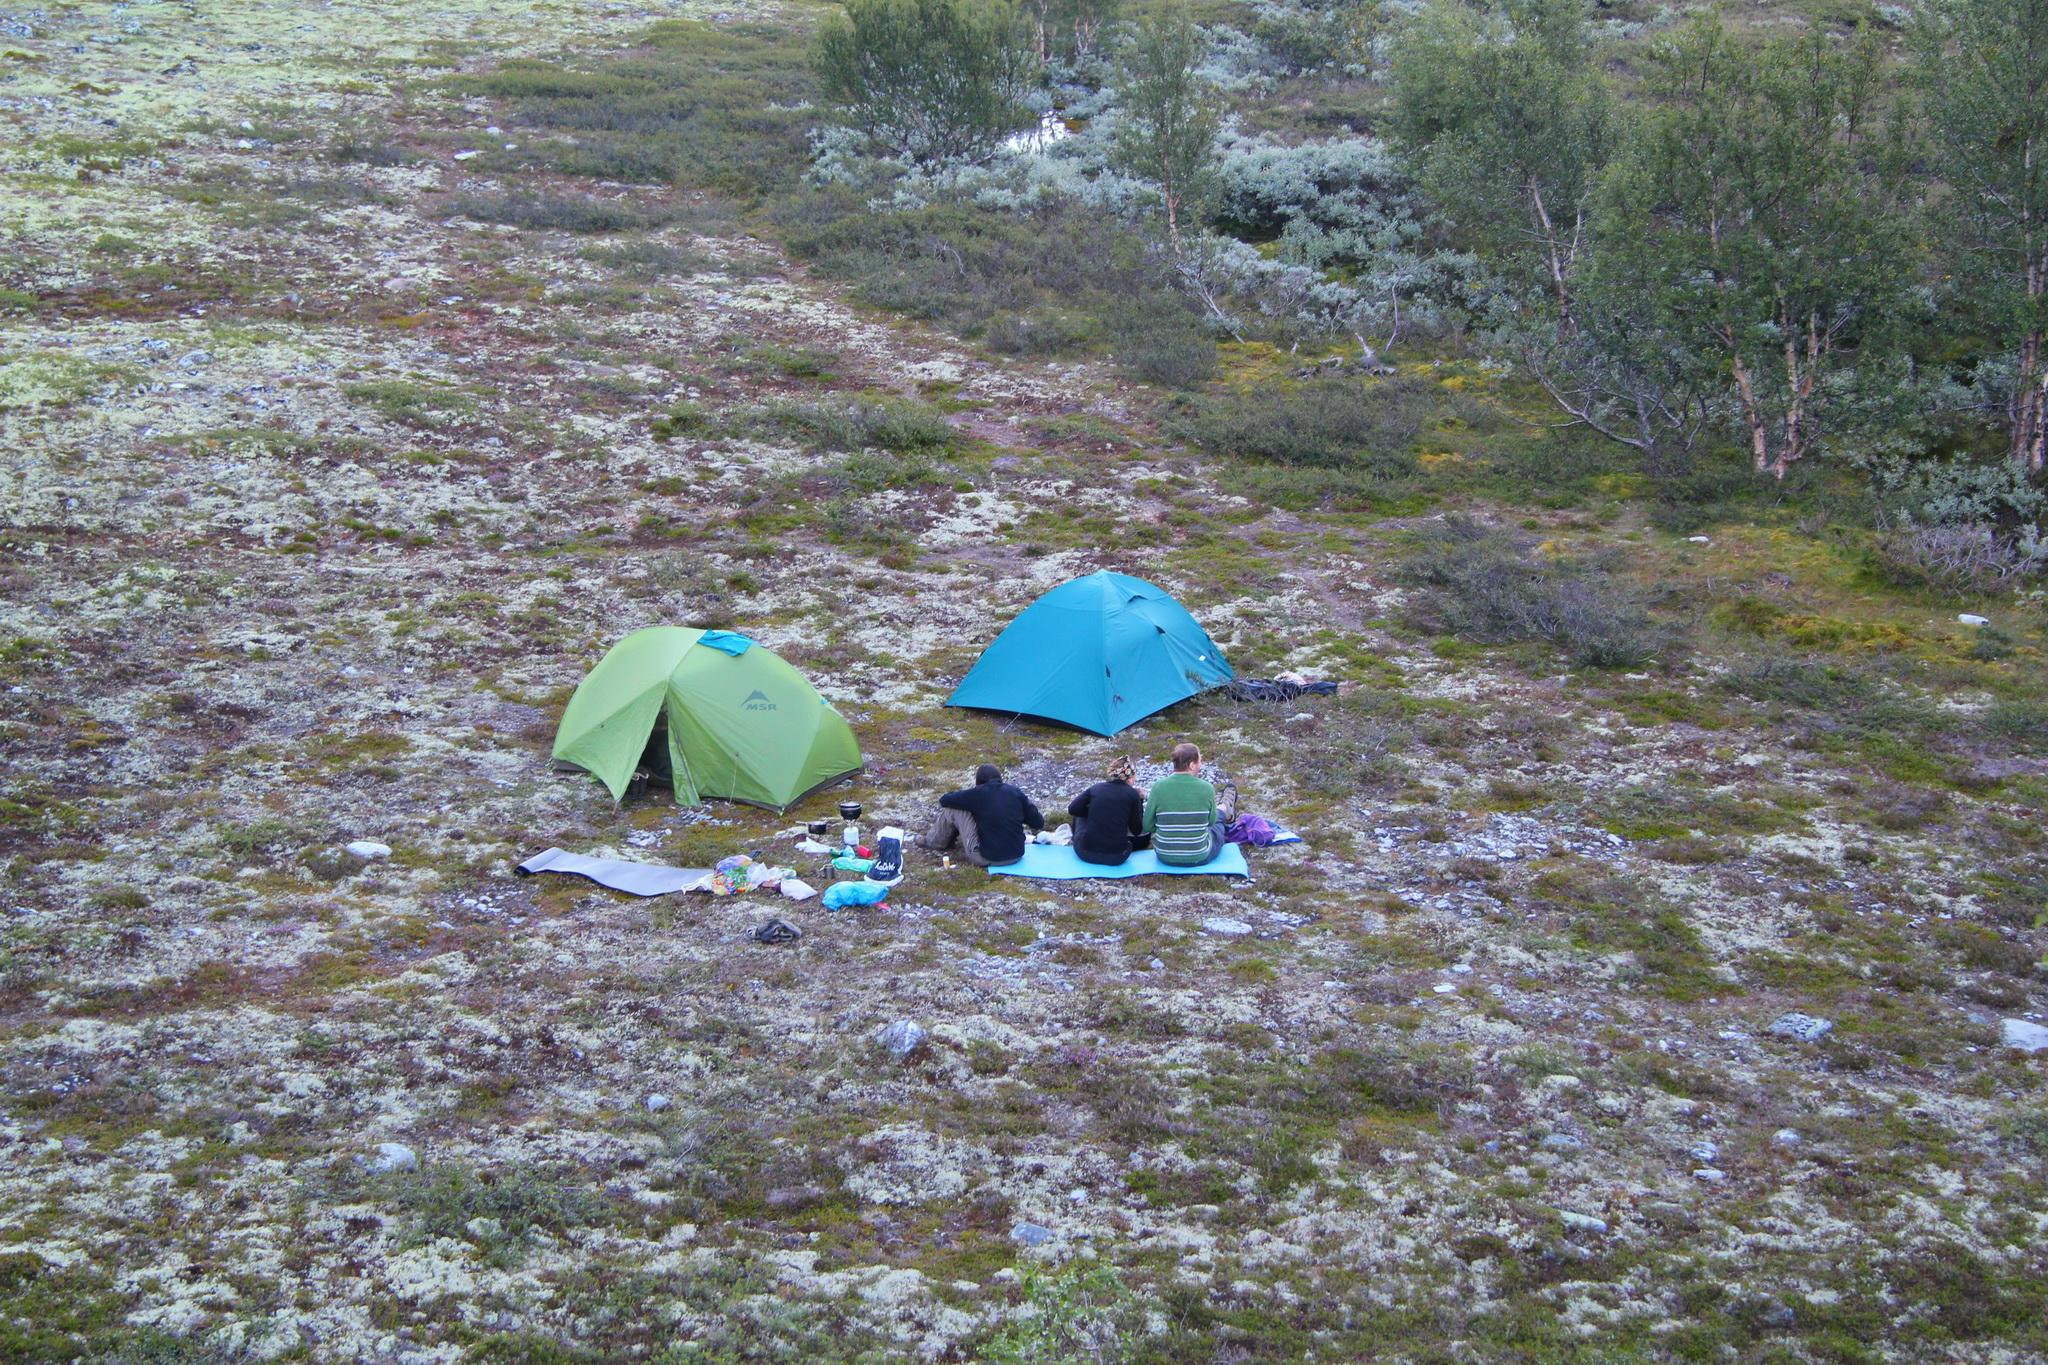 Údolí podél říčky Atna, tábořiště na 5. noc